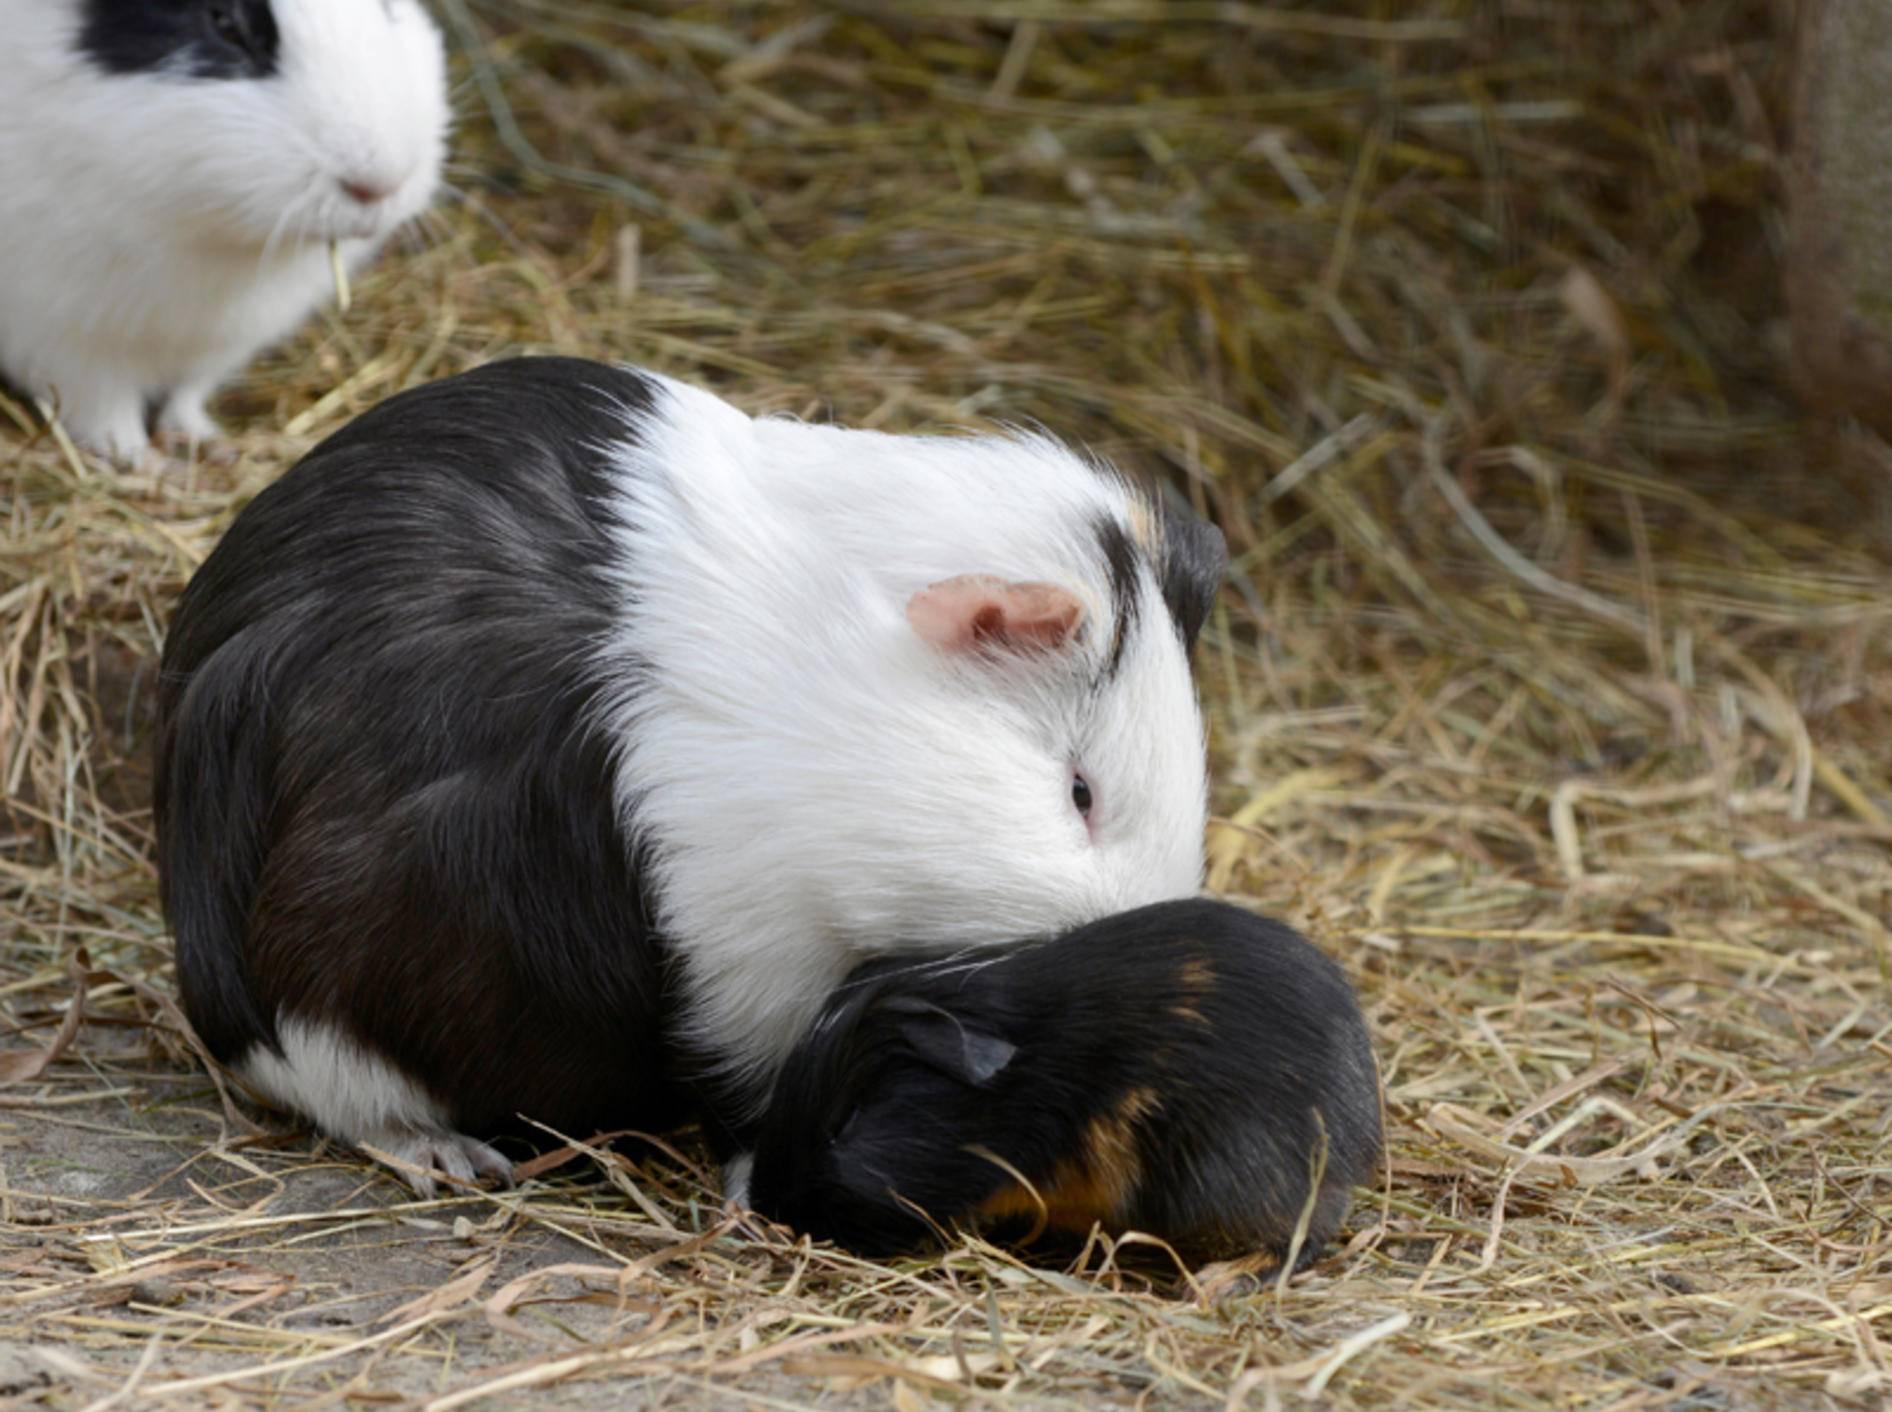 Meerschweinchenbabys sind Nestflüchter und kommen schon fast fertig entwickelt auf die Welt – Shutterstock / schubbel